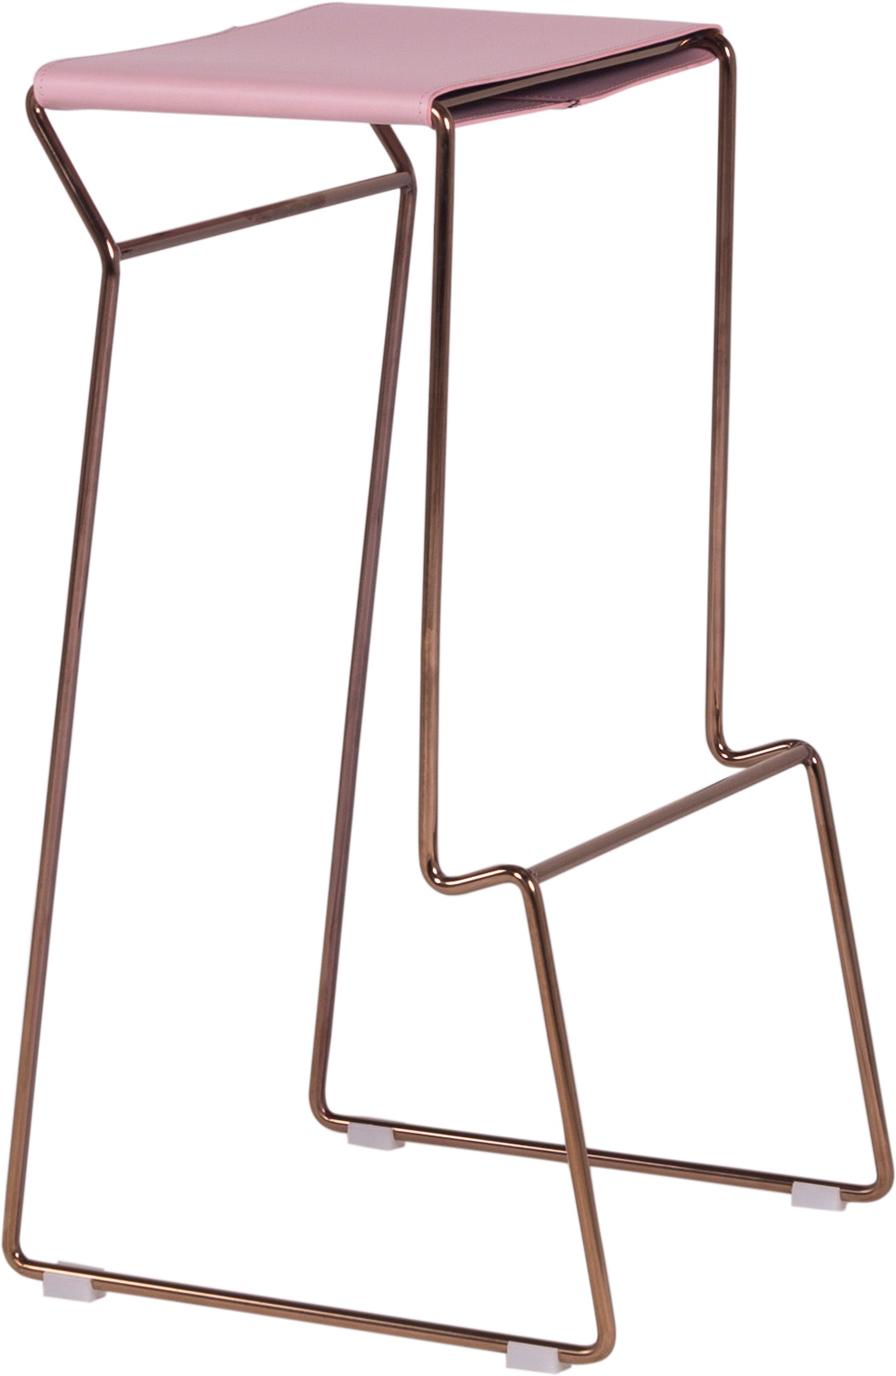 Klein stool